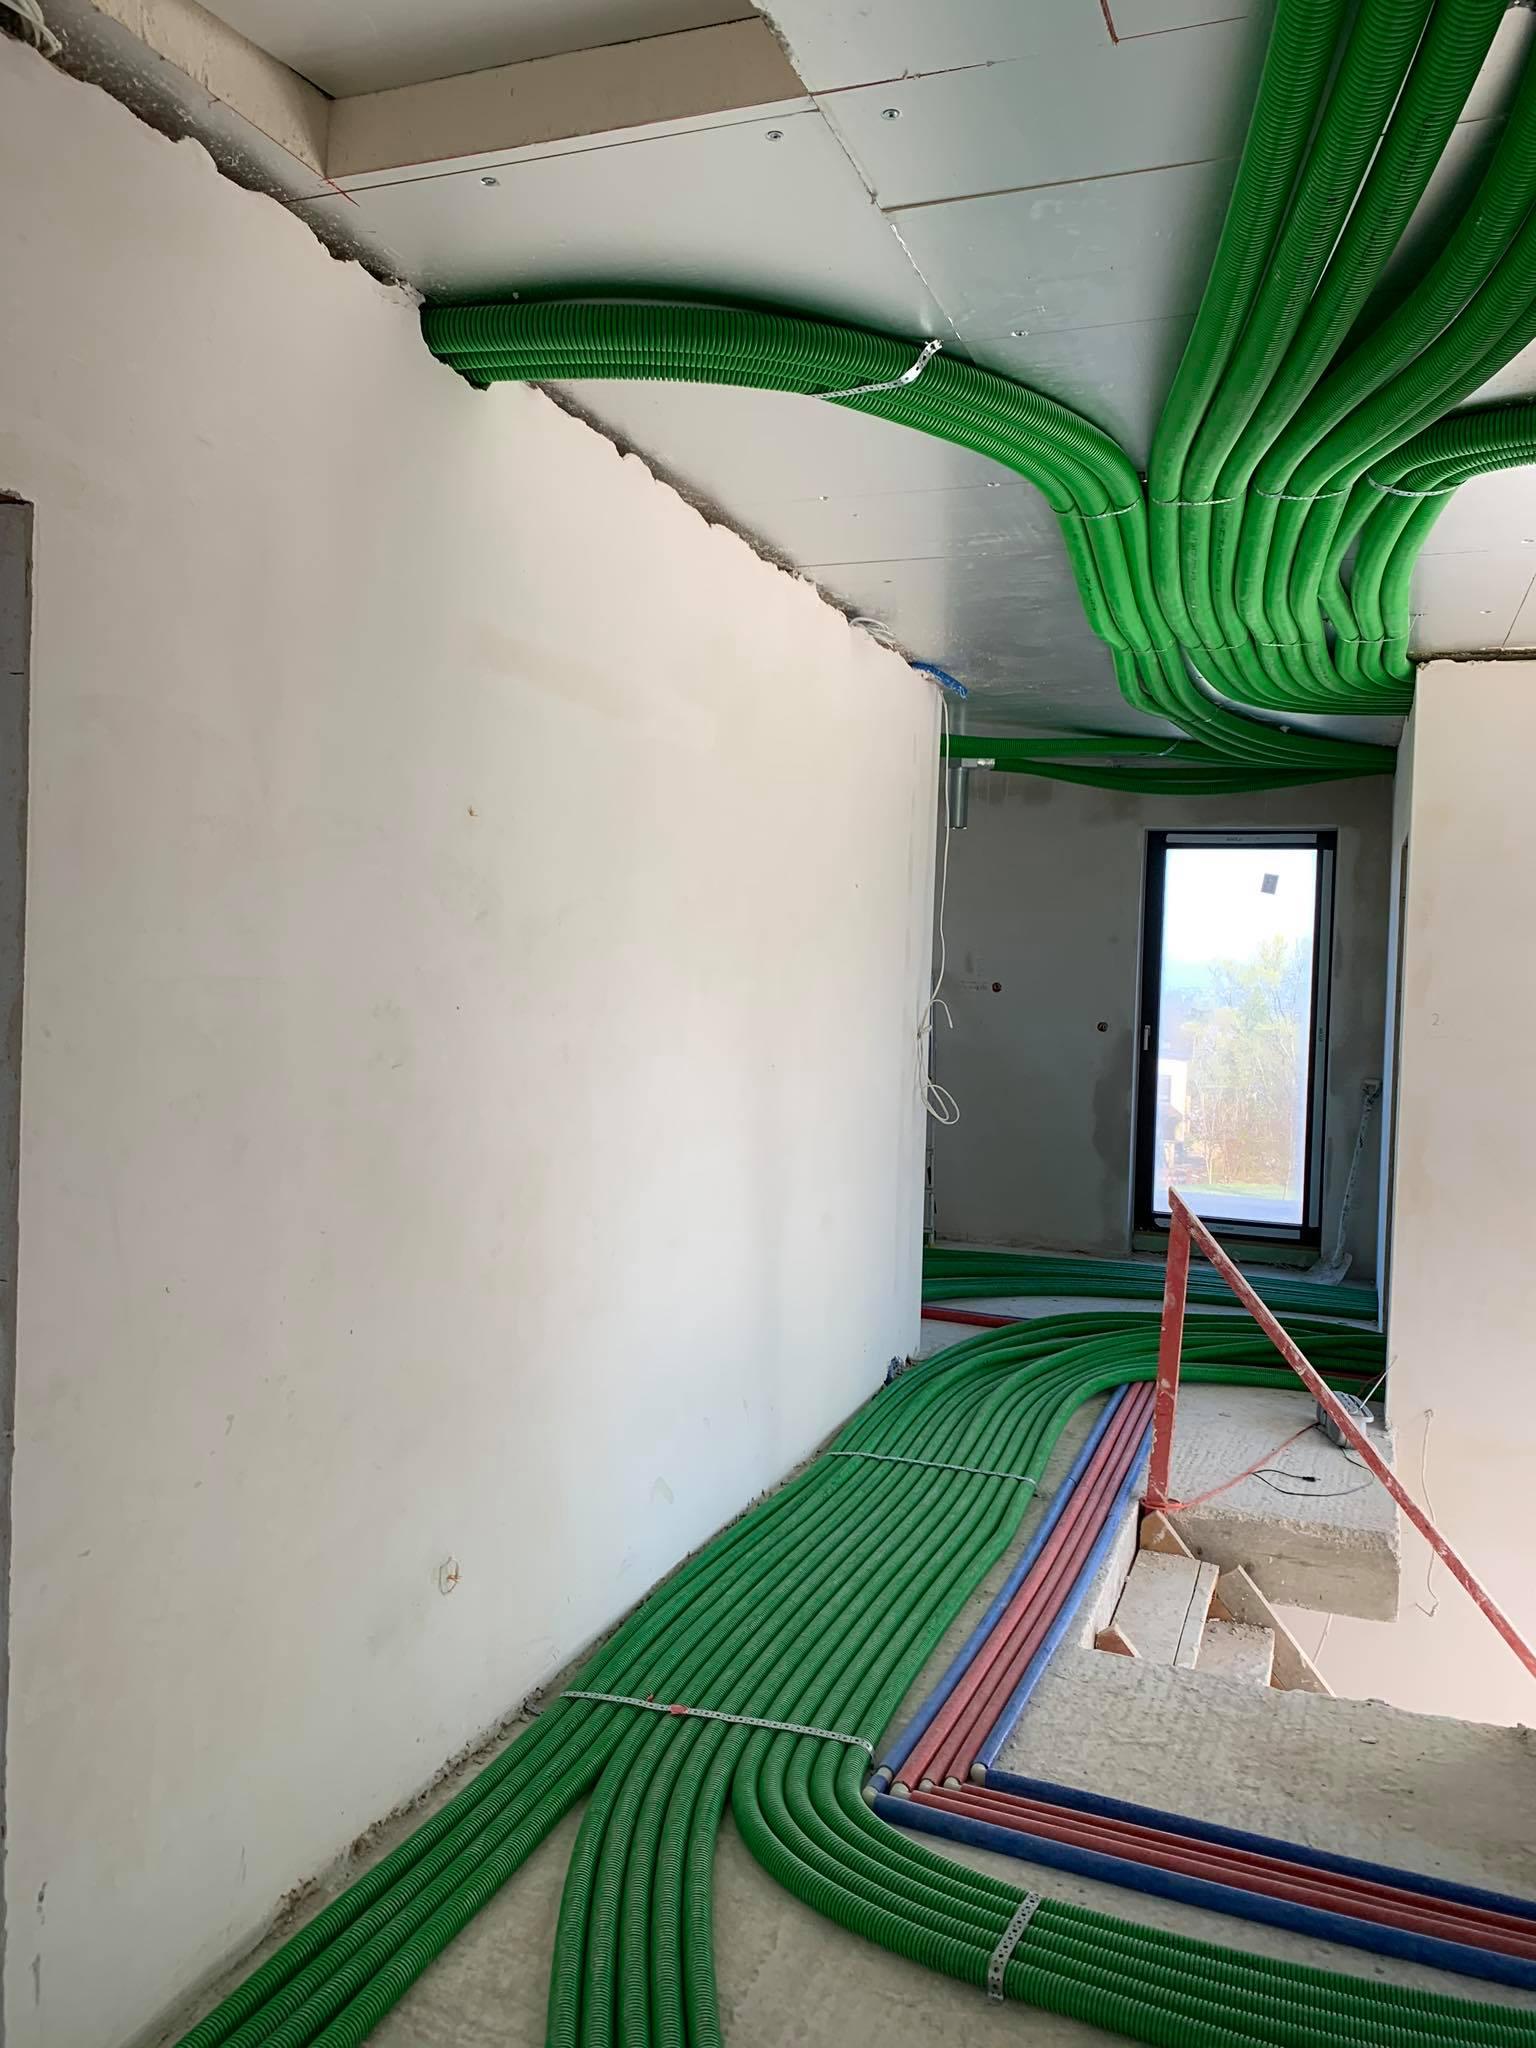 instalacje wodne wentylacji